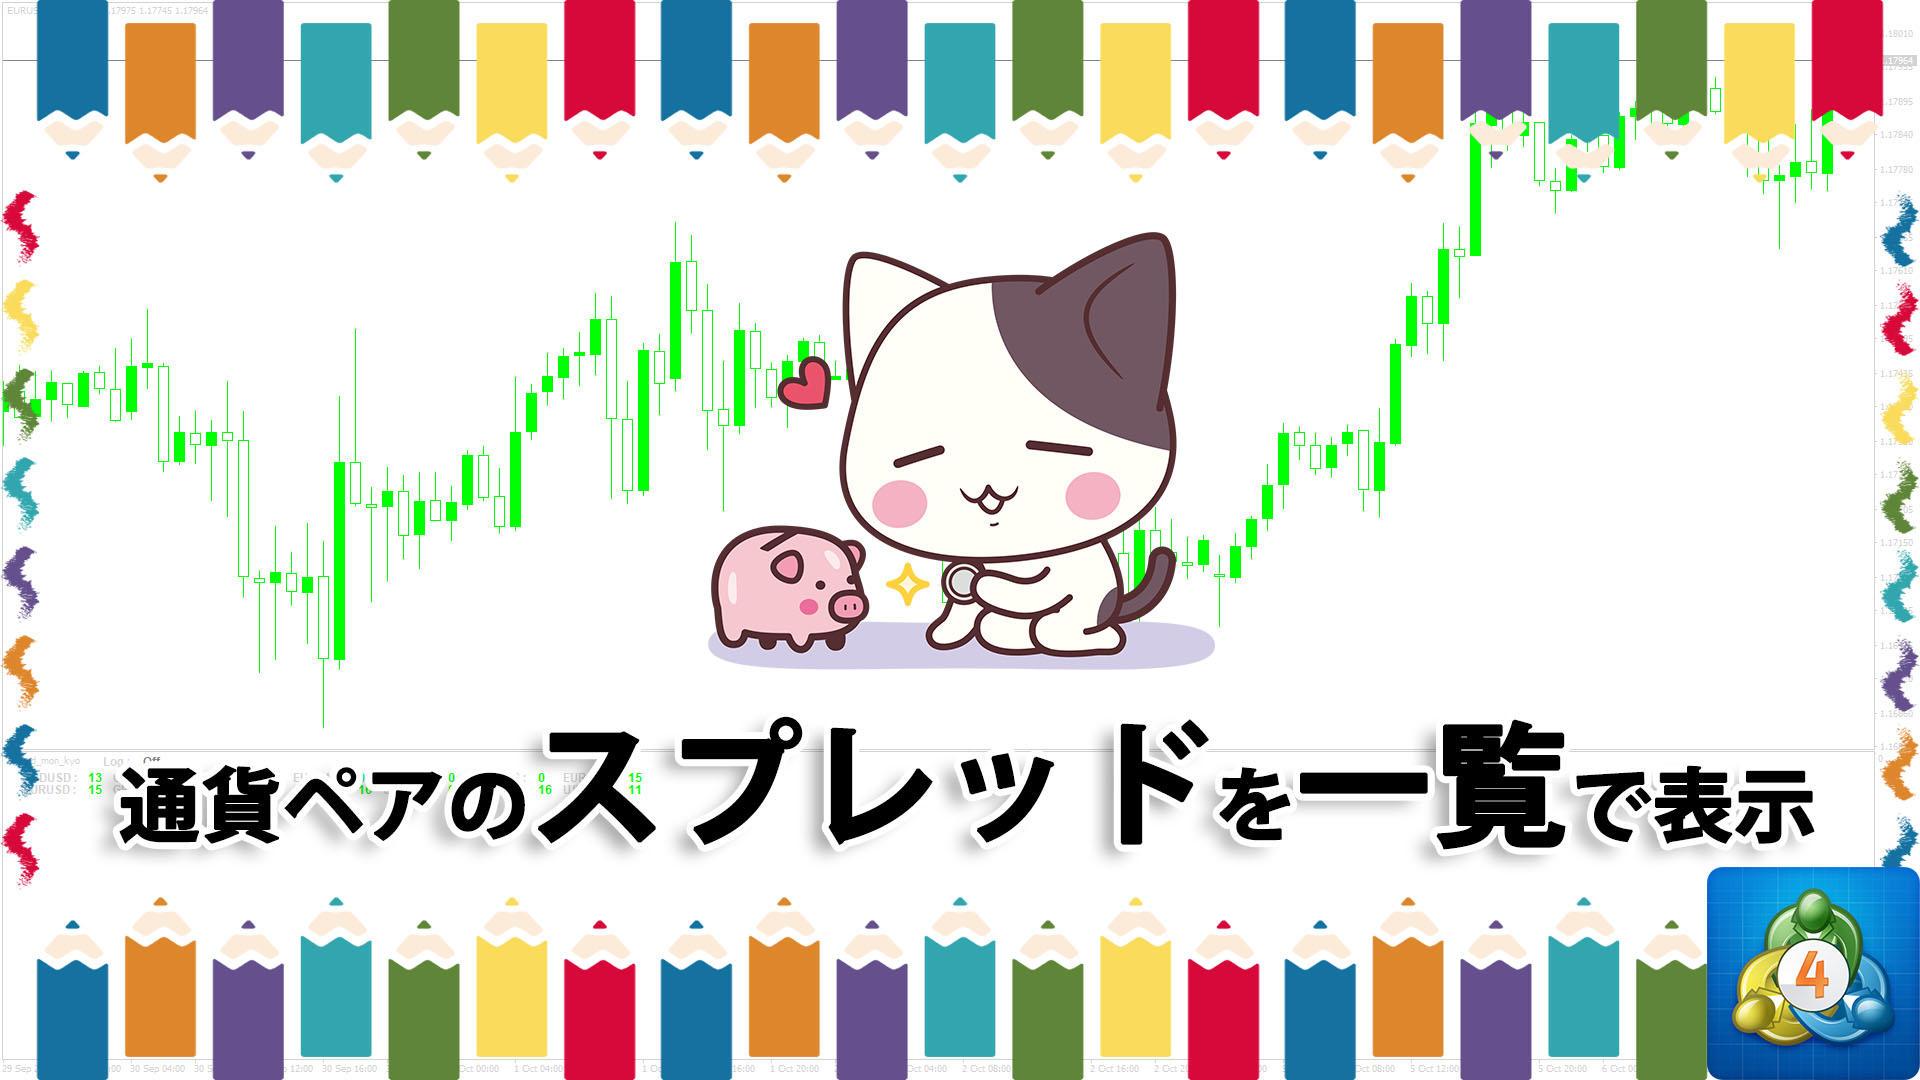 通貨ペアのスプレッドをサブウィンドウに一覧で表示するMT4インジケーター「Spread_mon_kyo」